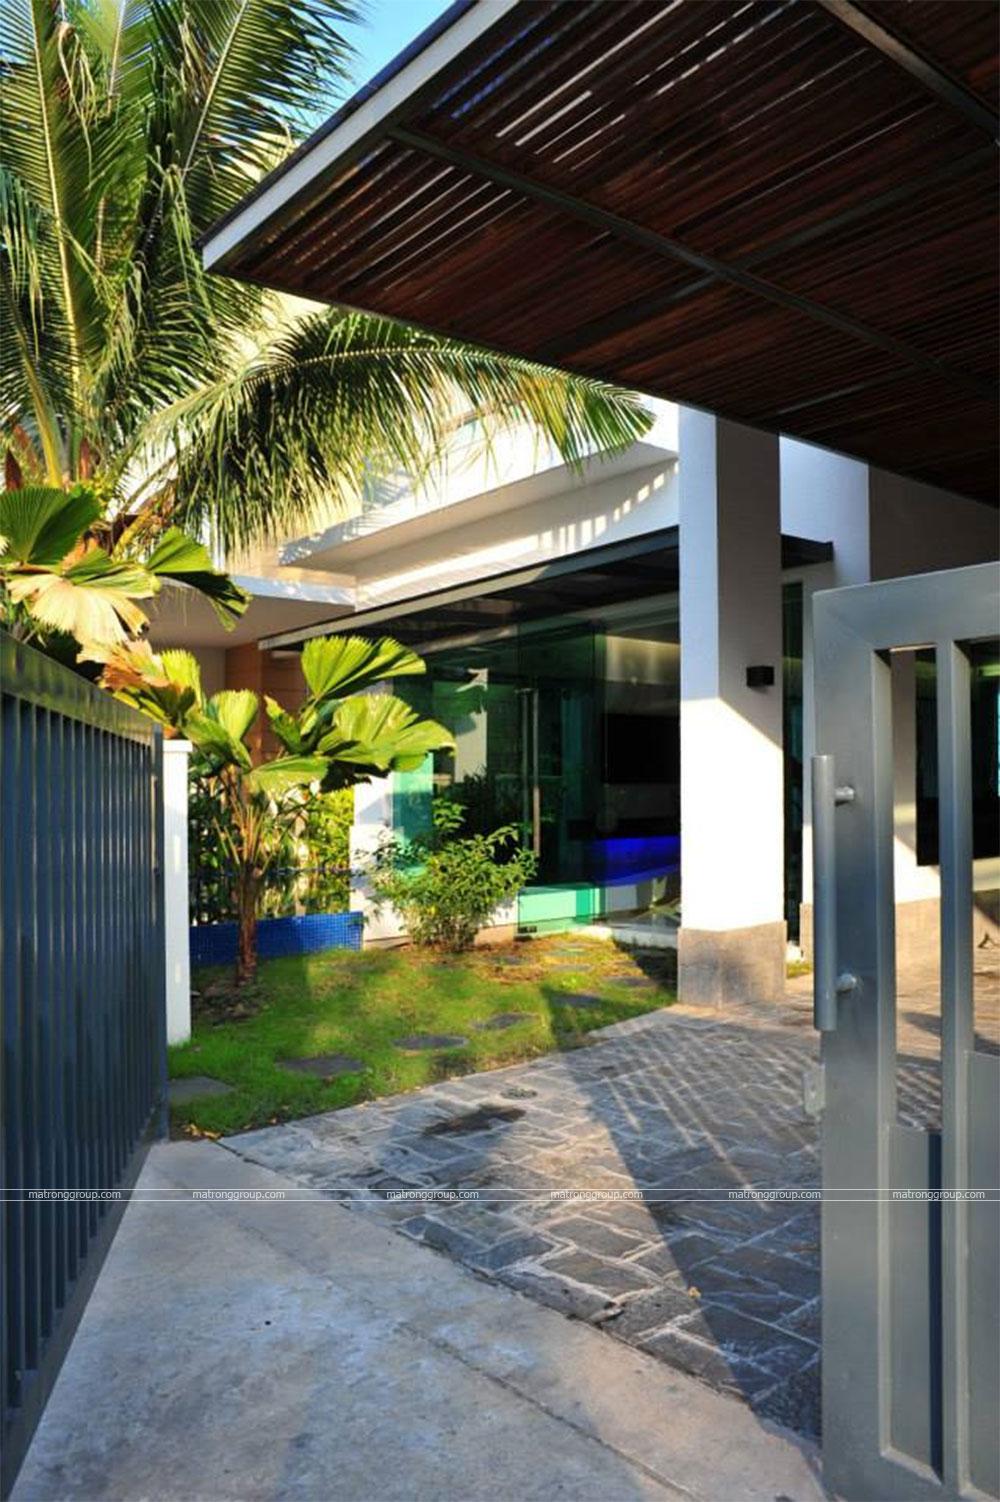 thiết kế thi công nhà phố hiện đại Trường Chinh, Q.12-HCM 2